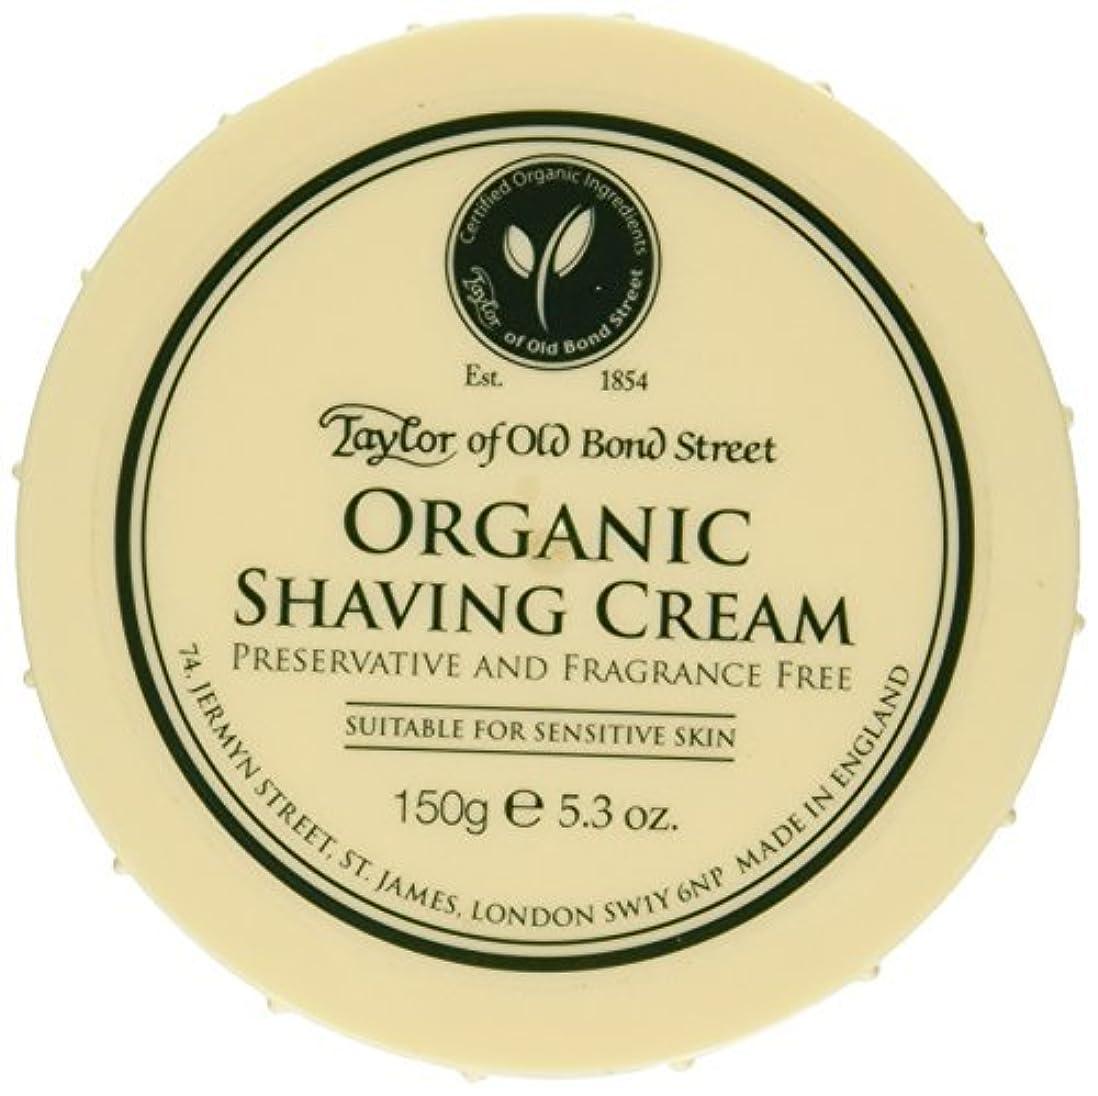 教育機関王室Taylor of Old Bond Street Organic Shaving Cream Bowl 150 g by Taylor of Old Bond Street [並行輸入品]